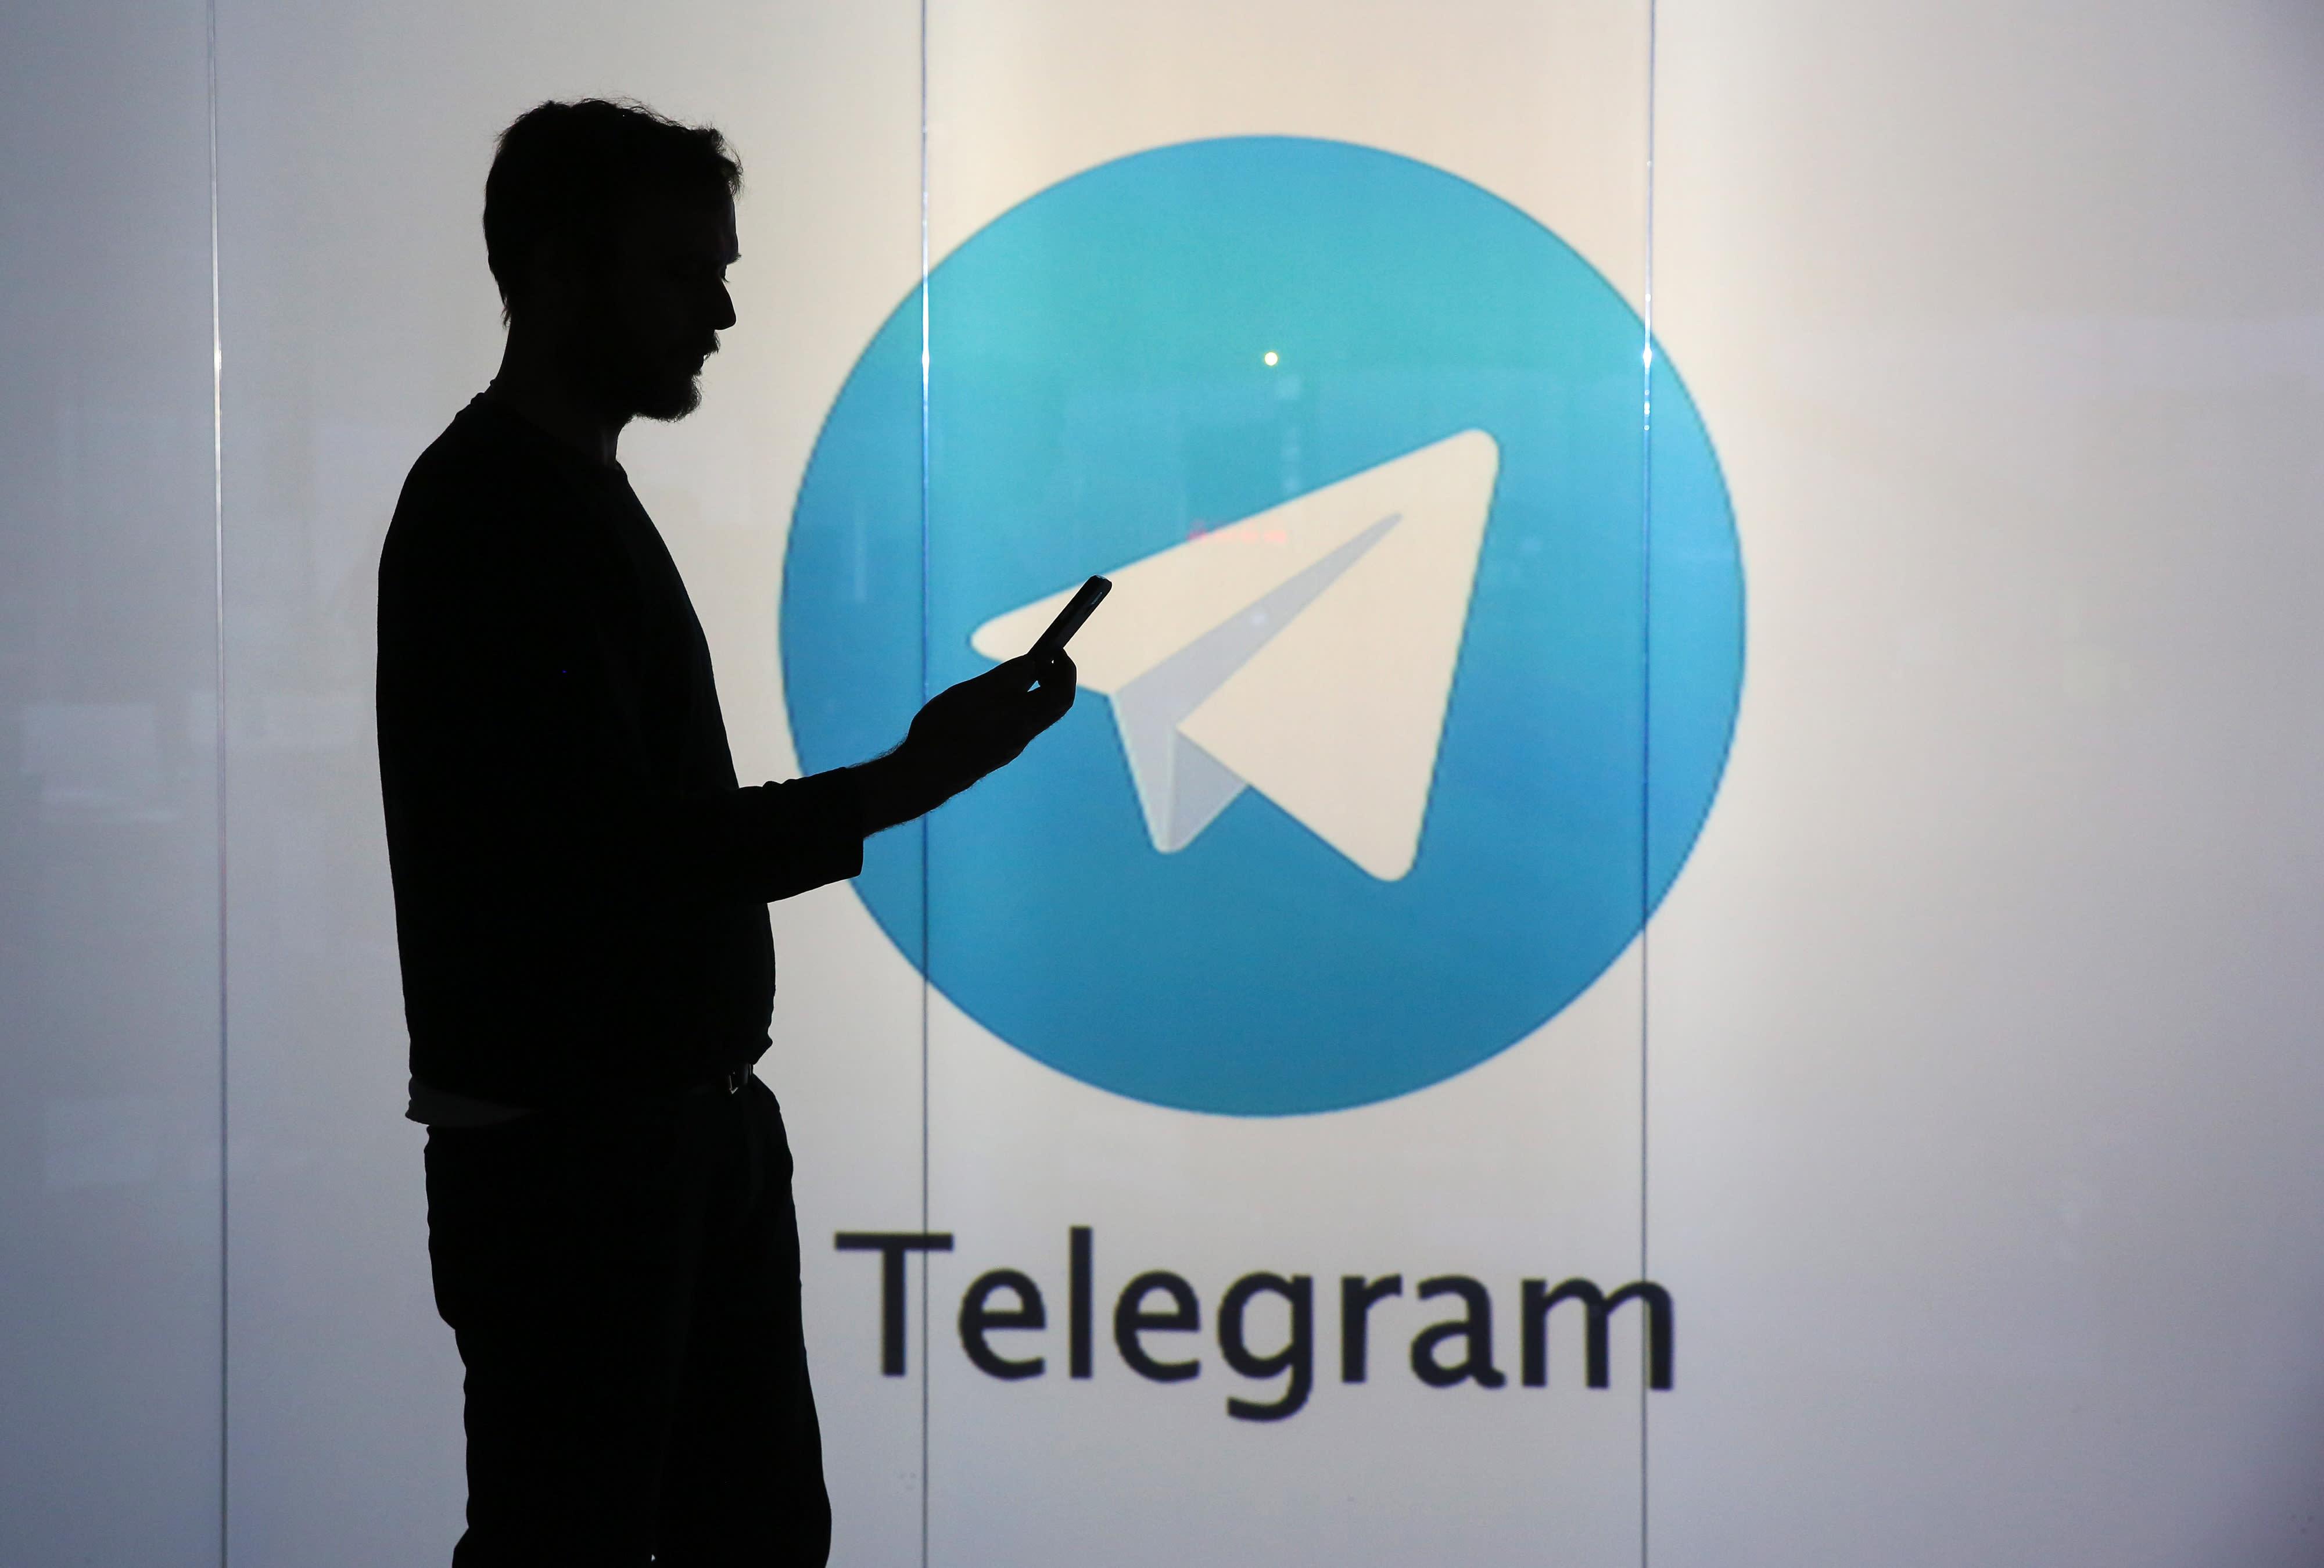 گروه تلگرامی پیمانکاران کانال تلگرامی کانال گروه مهندسین تخت جمشید در لیست سایت Telegram-store.com